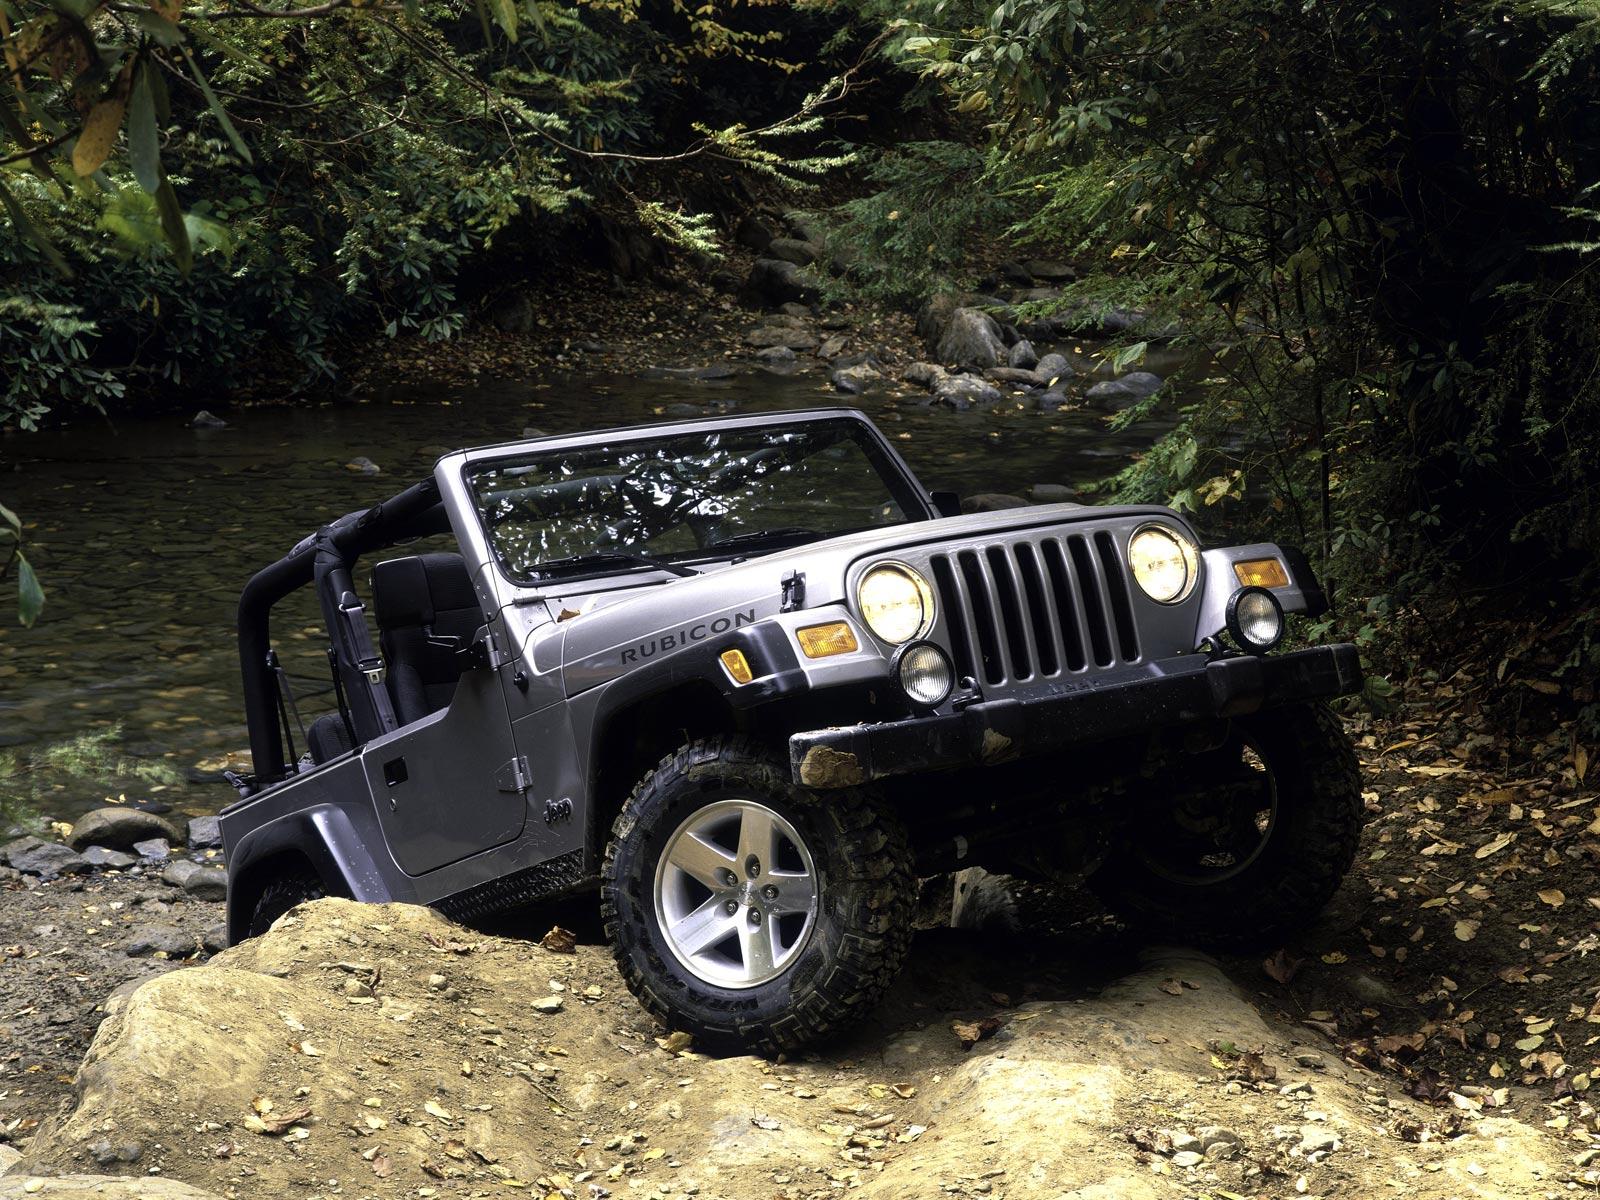 Jeep Wrangler Rubicon Wallpaper 3990 Wallpaper WallpaperLepi 1600x1200